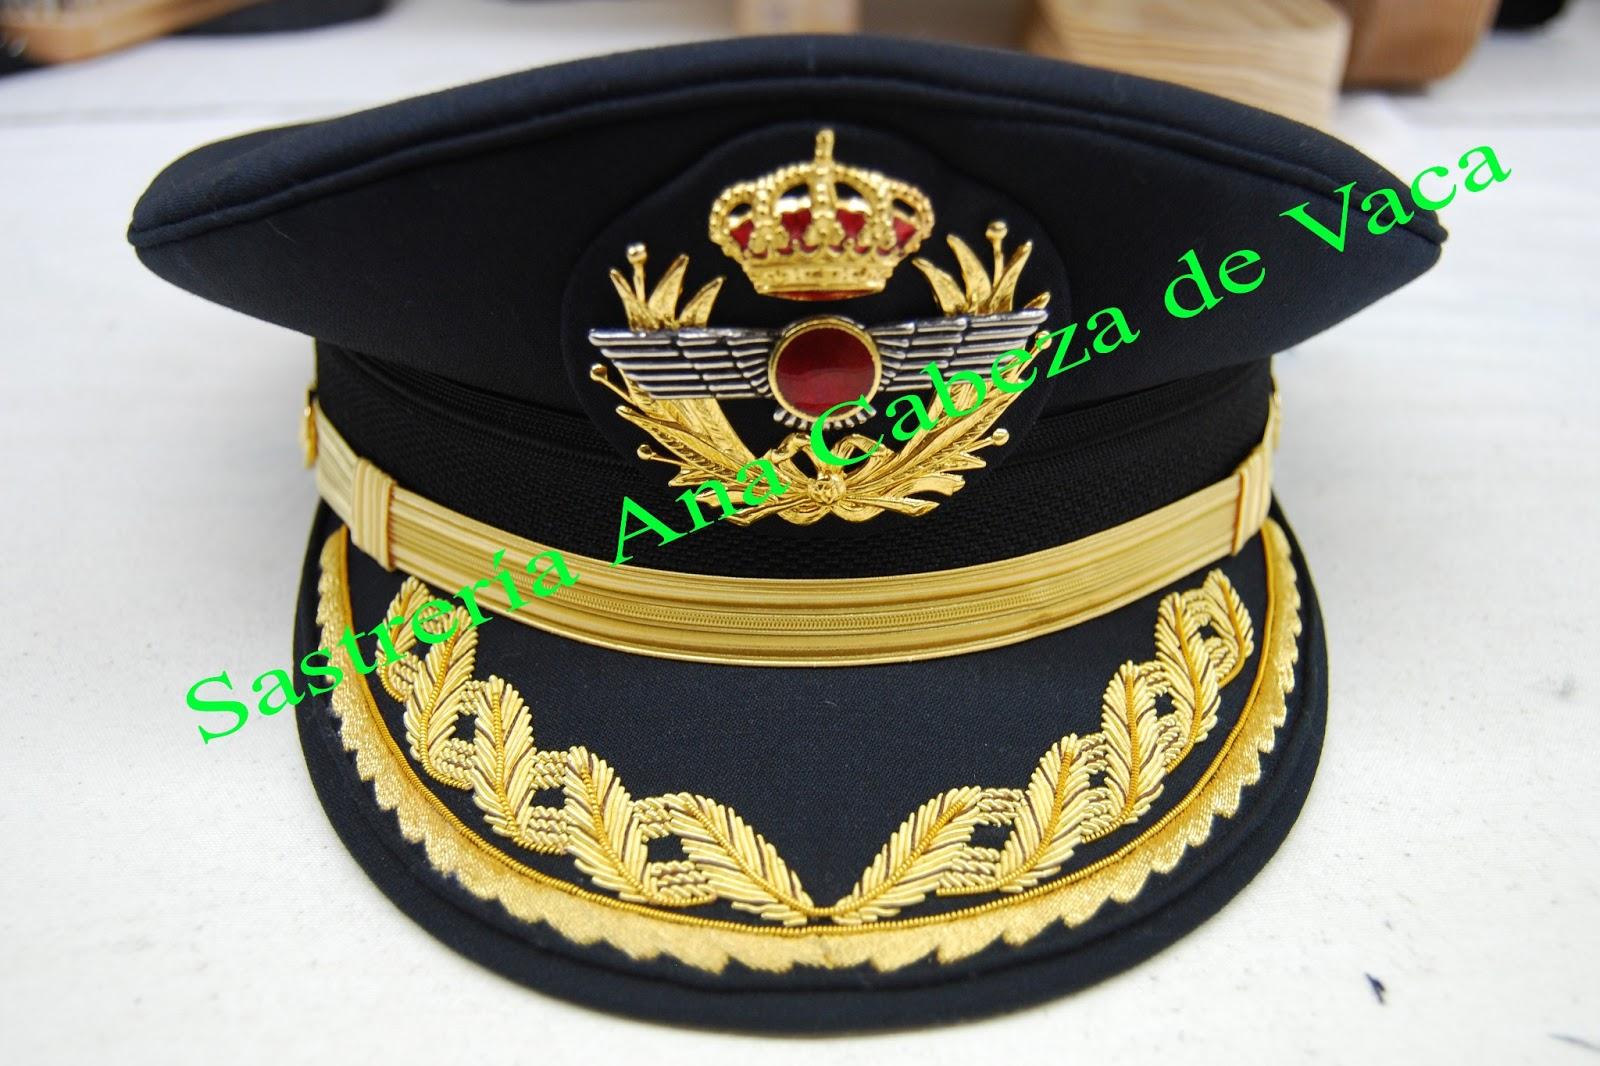 Gorra General Ejército del Aire 02daf054506